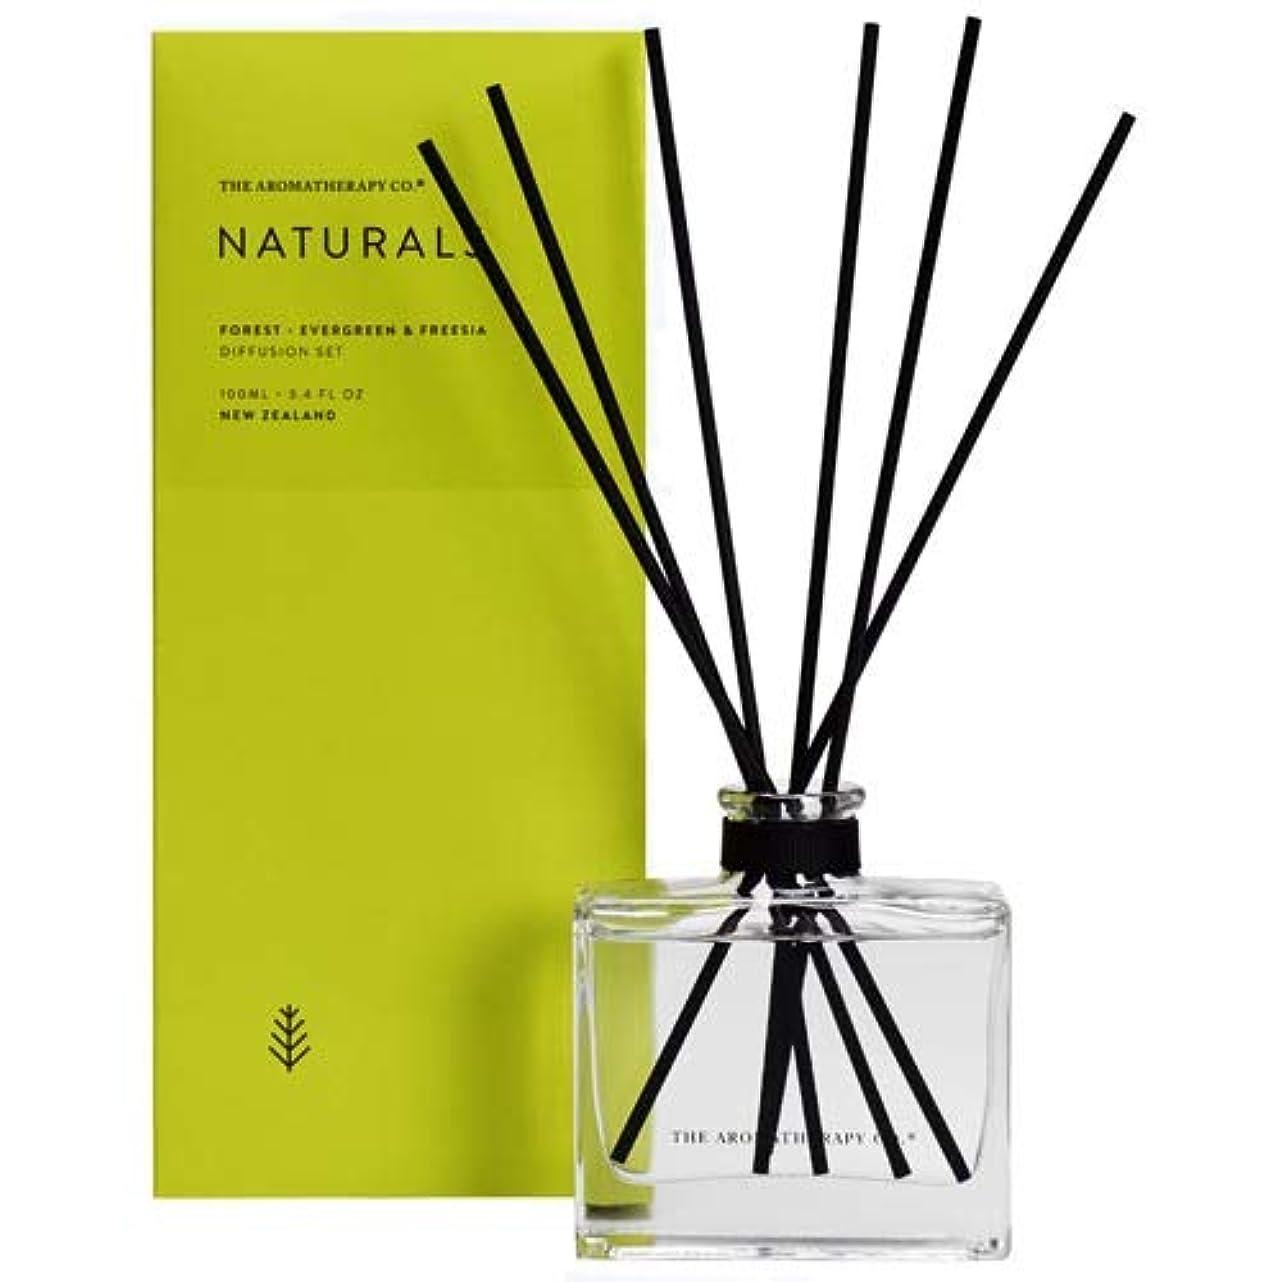 兵士重要な主婦アロマセラピーカンパニー(Aromatherapy Company) new NATURALS ナチュラルズ Diffusion Stick ディフュージョンスティック Forest フォレスト(森林) Evergreen & Freesia エバーグリーン&フリージア